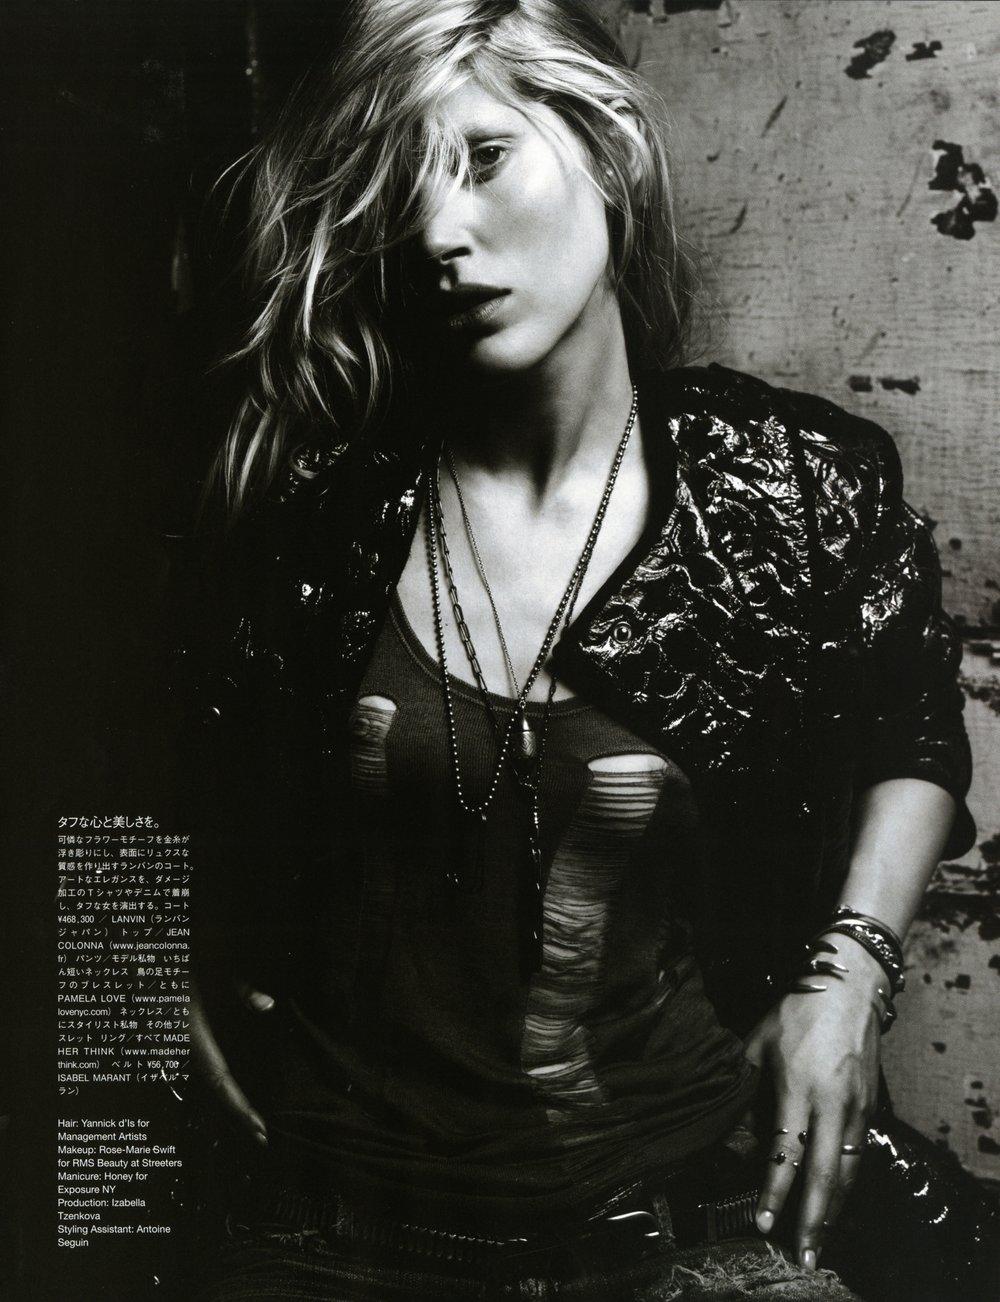 VoguejapanNovember2012 (9).jpg